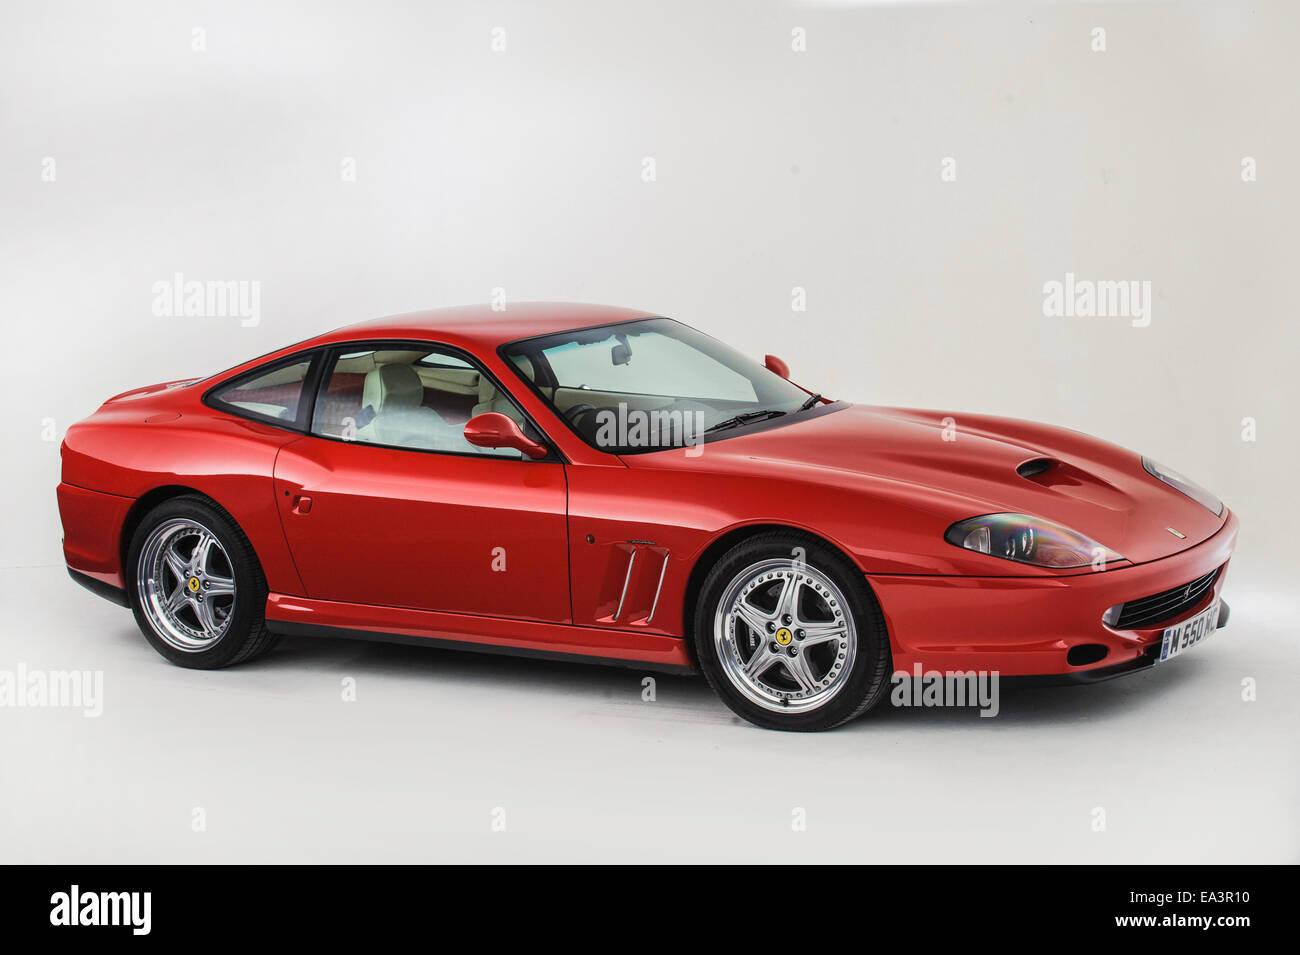 2000 Ferrari F550 Maranello - Stock Image